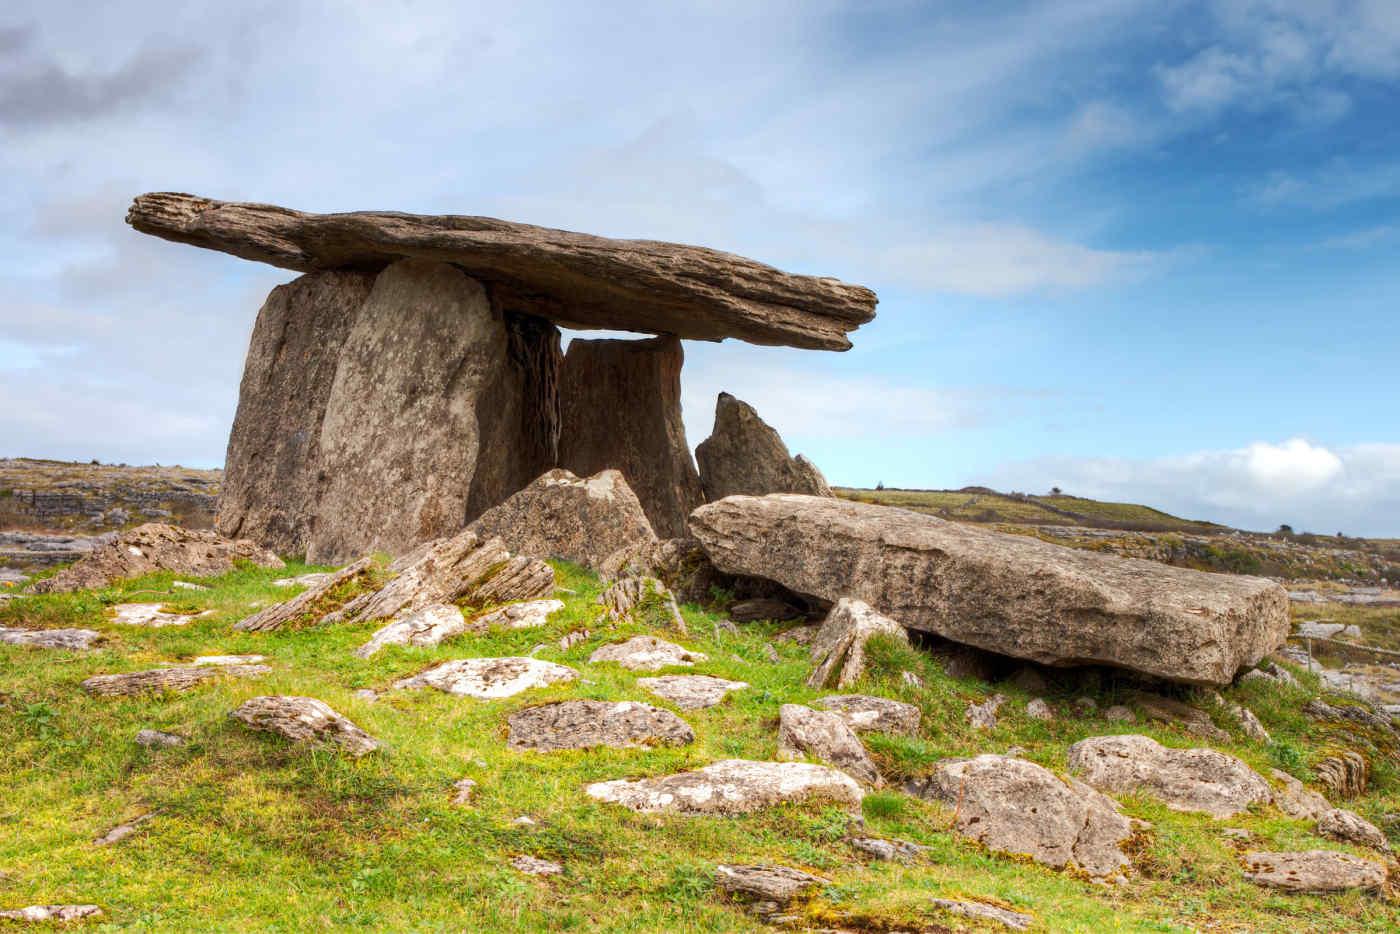 The Burren in County Clare, Ireland